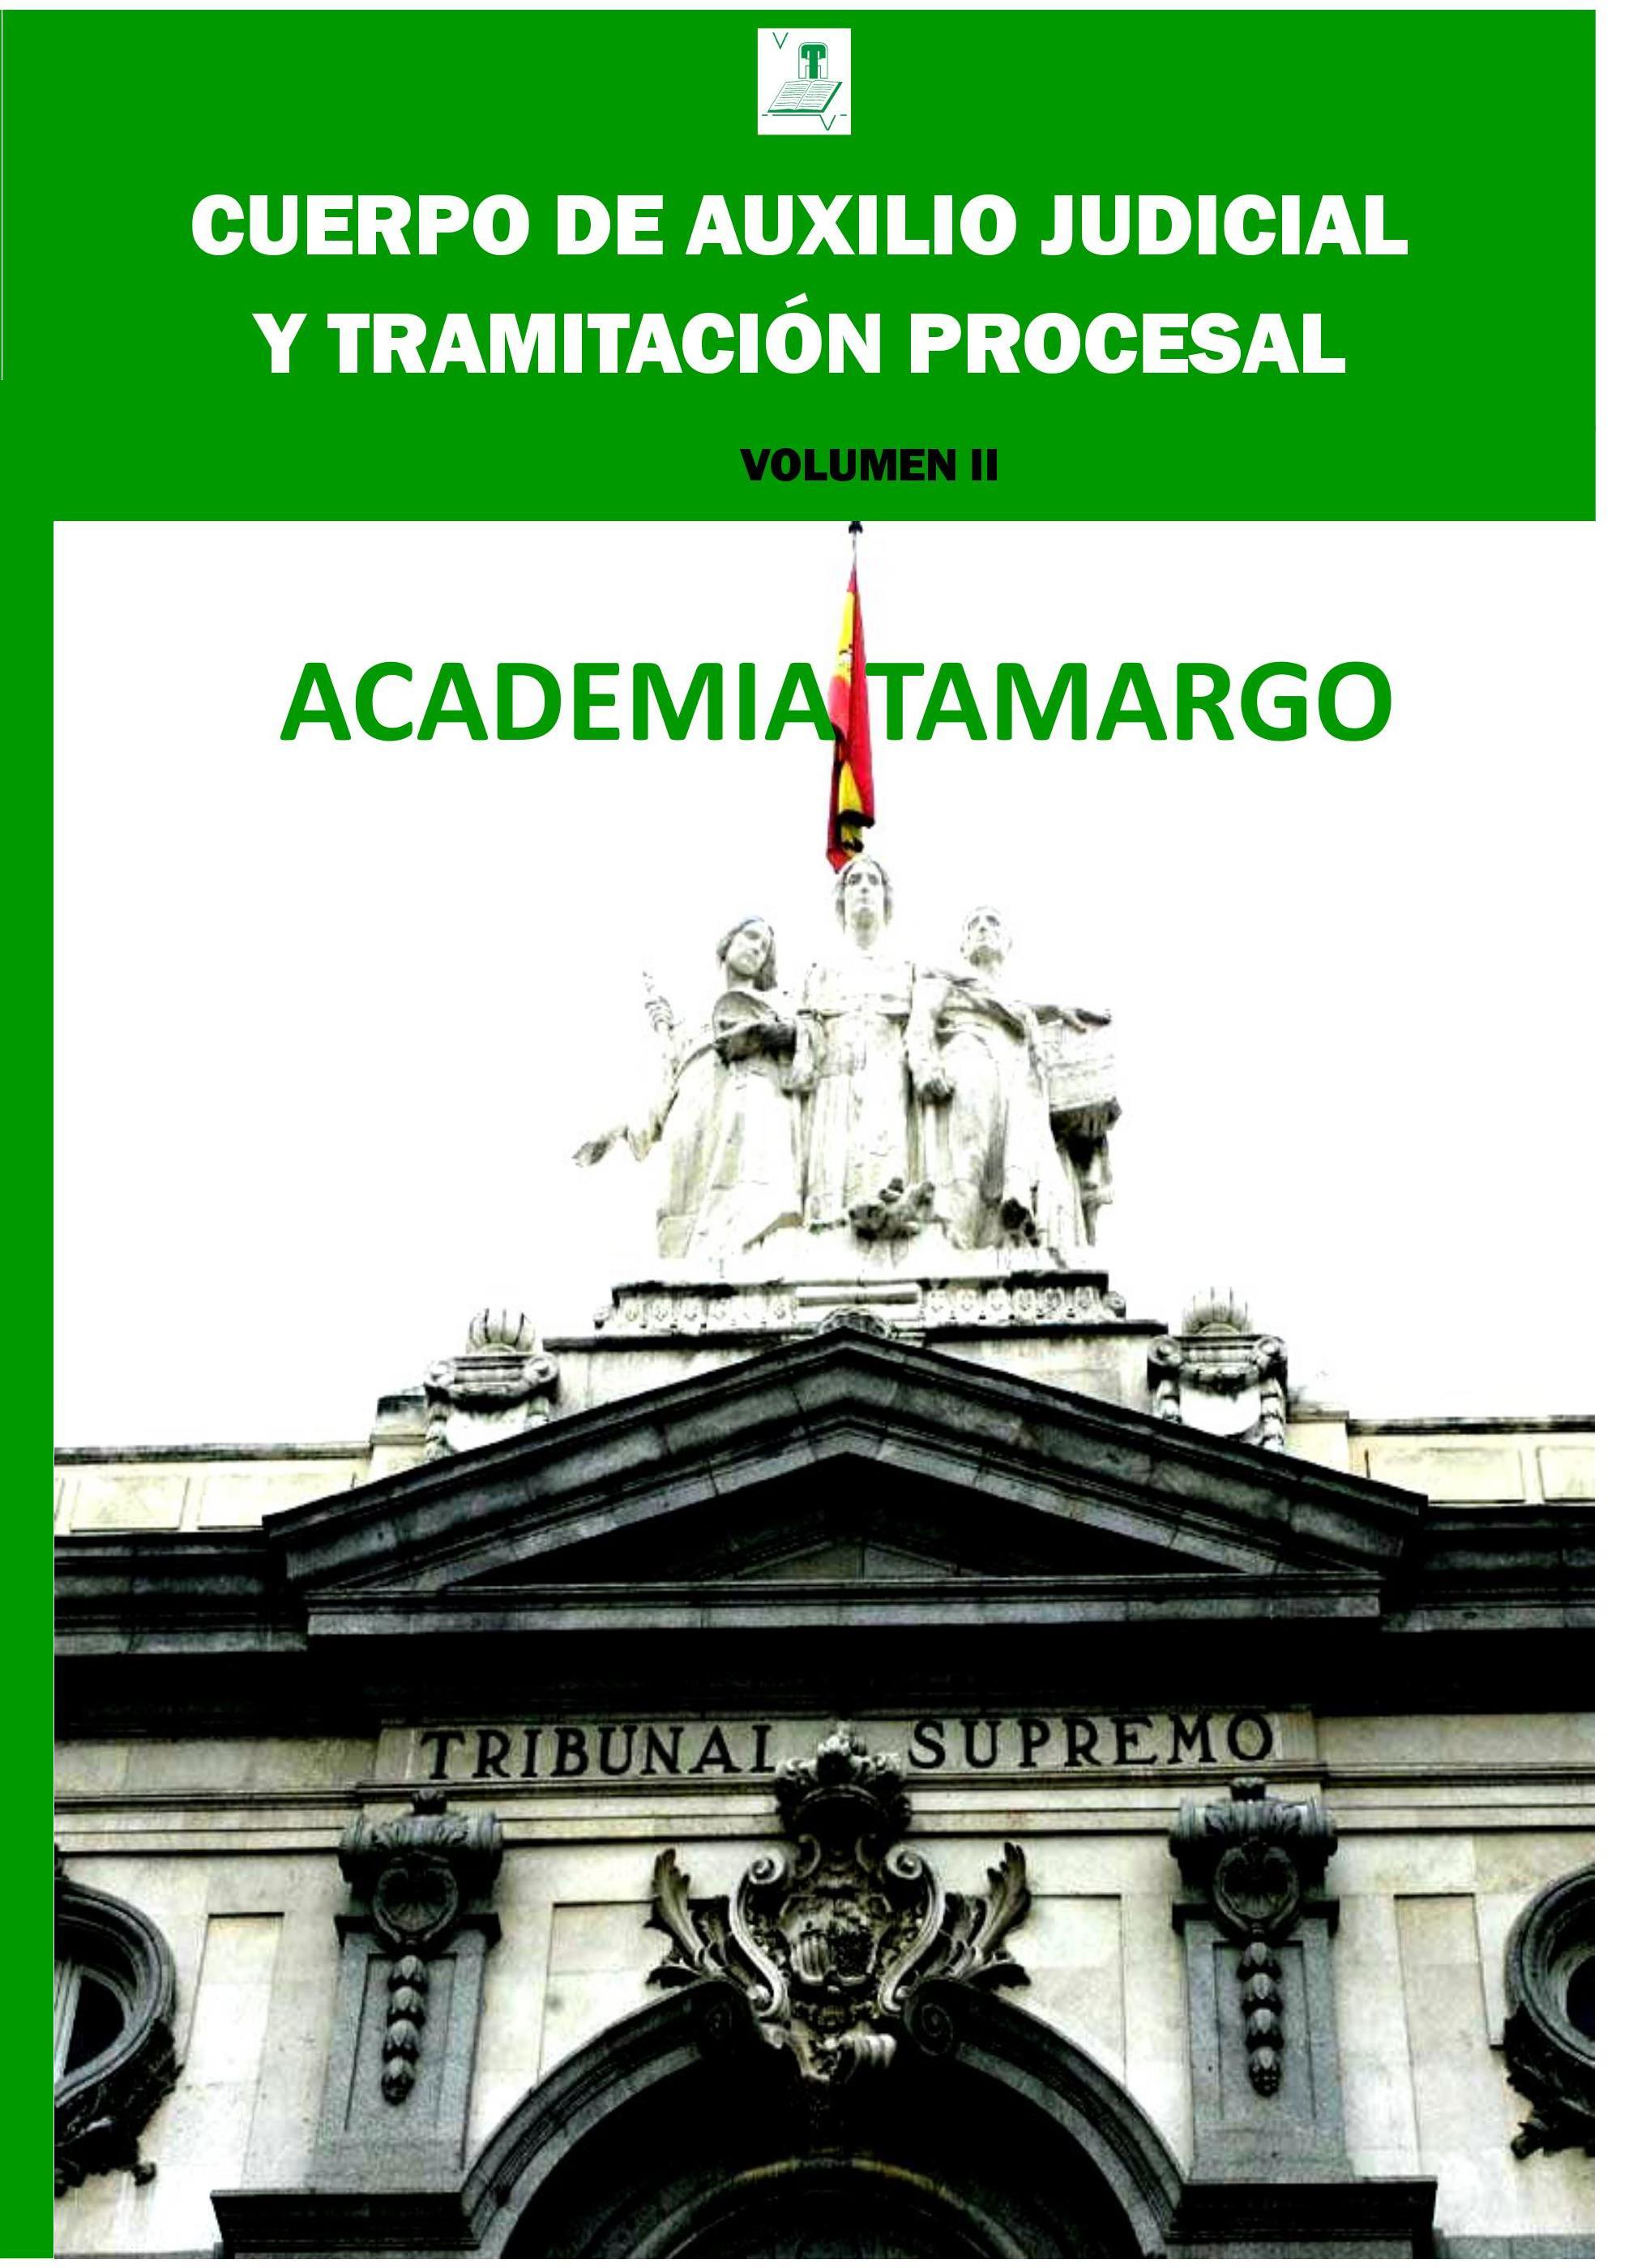 imagen portada volumen II